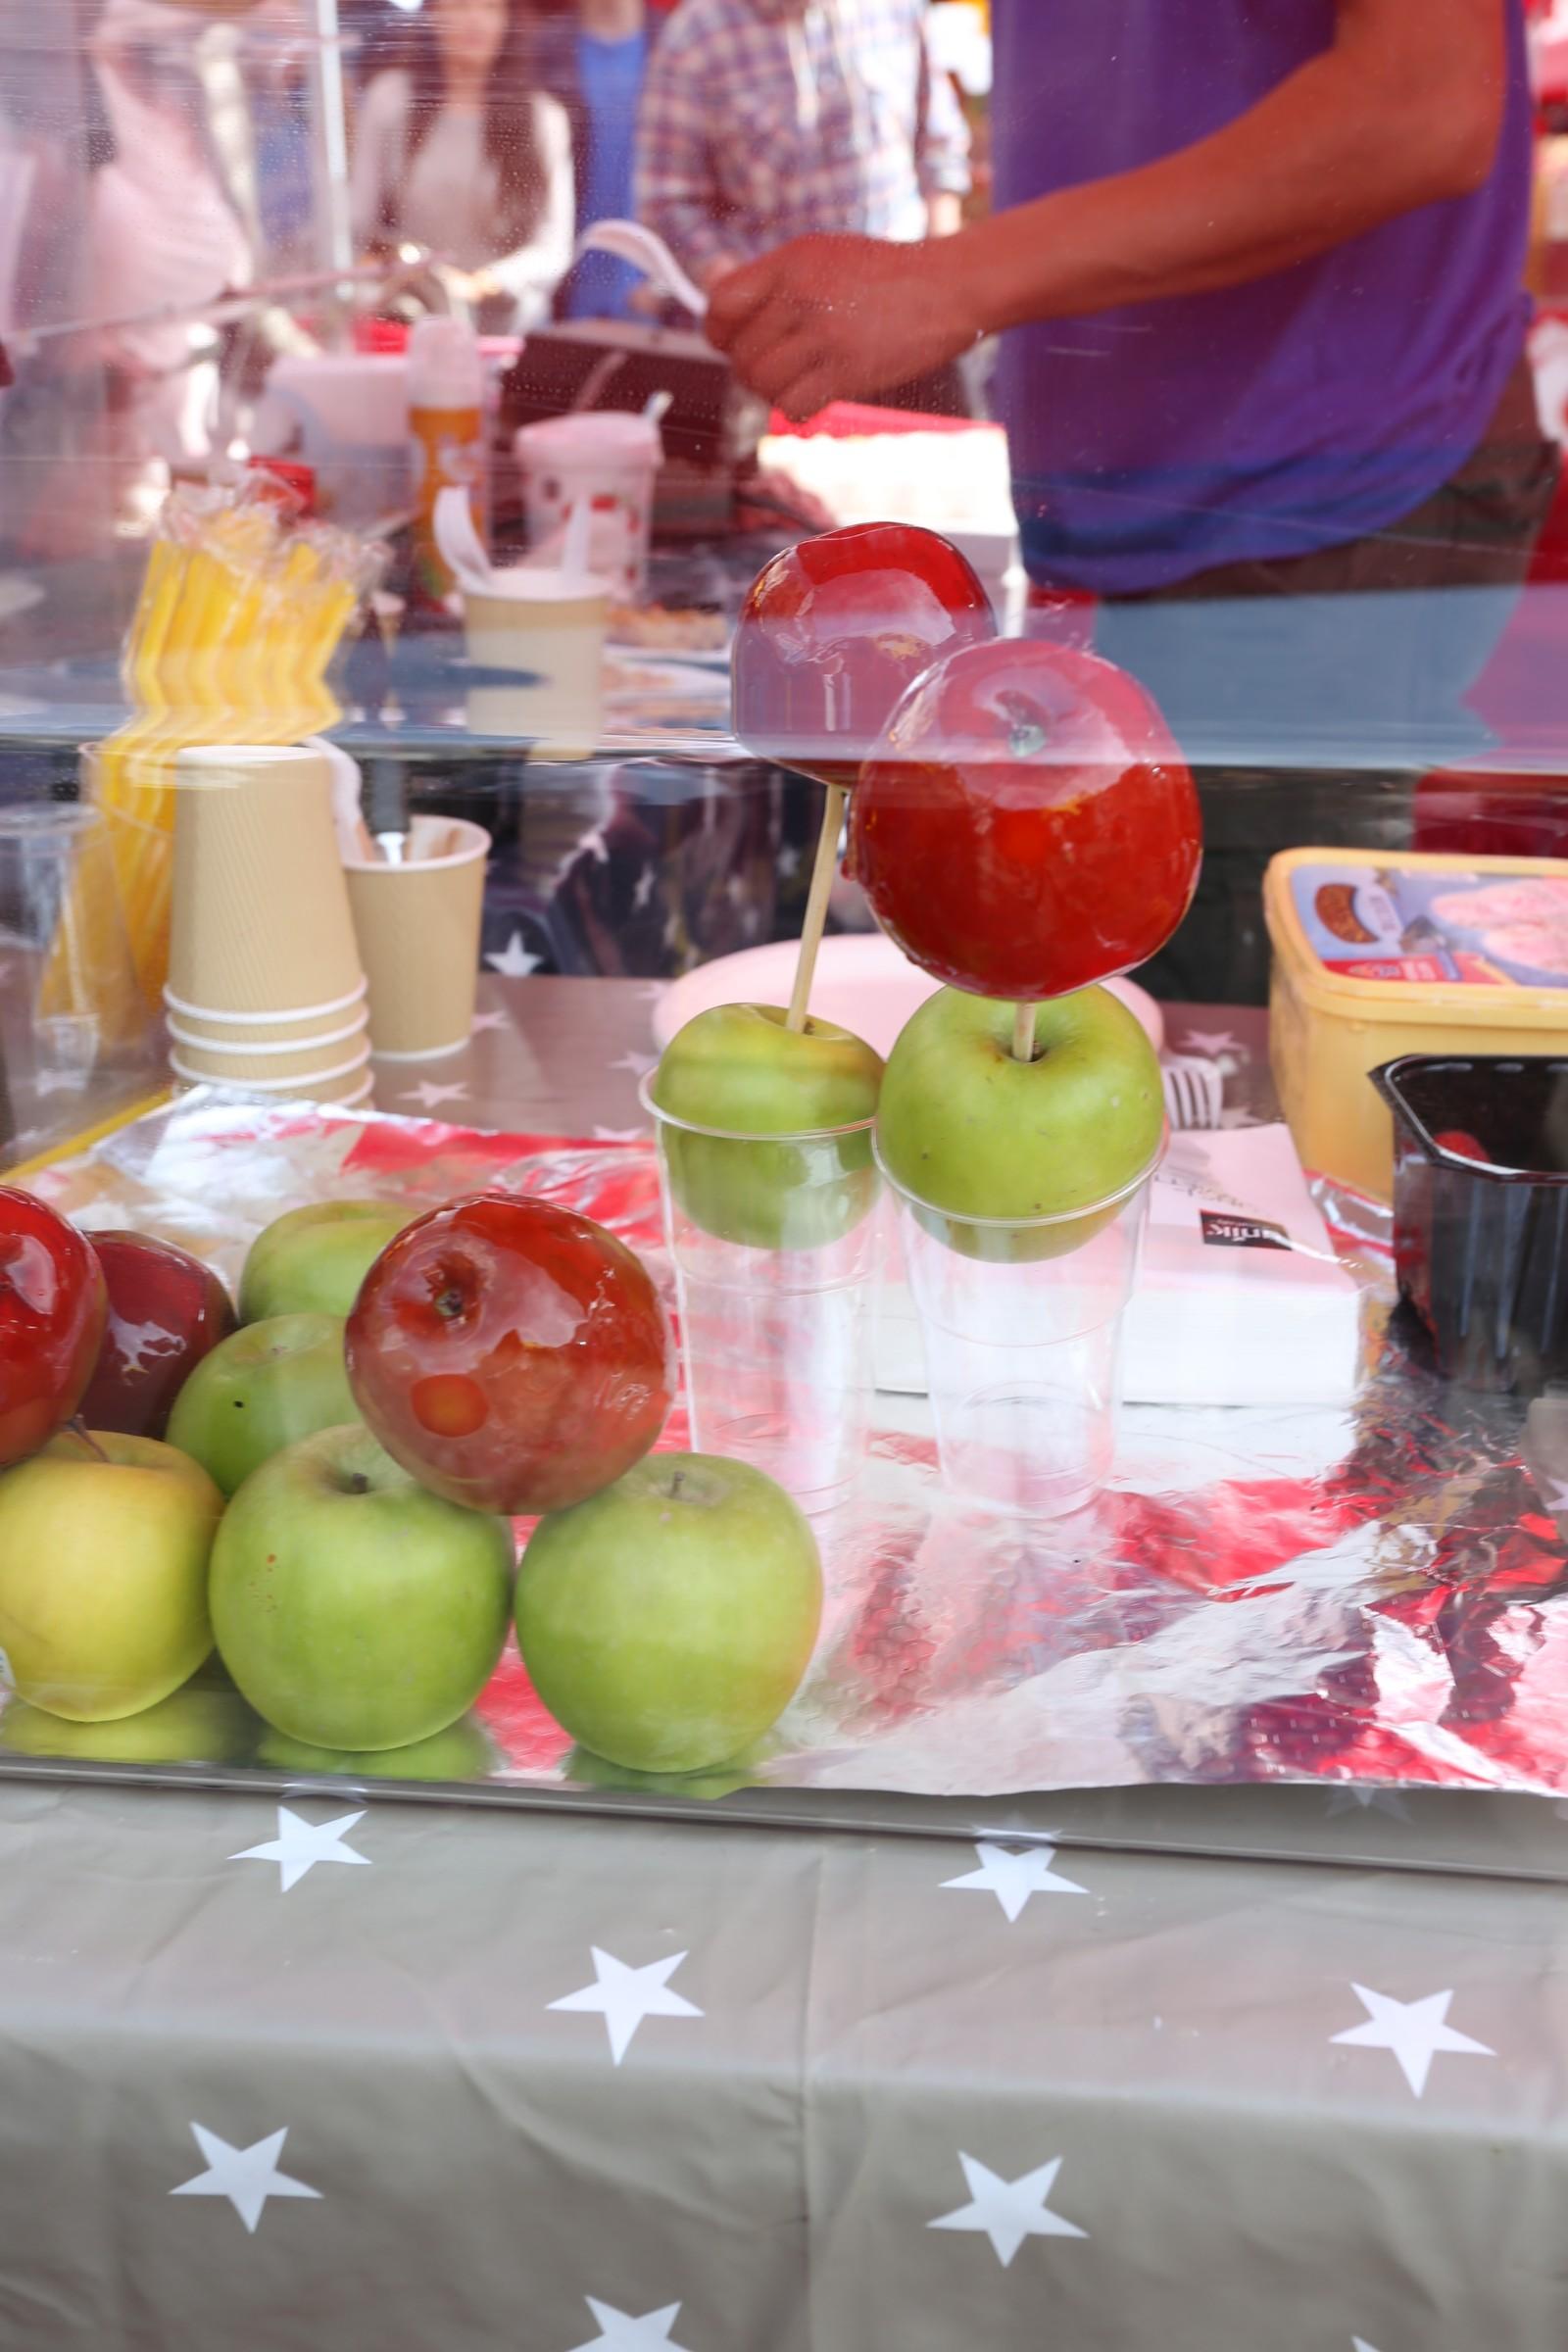 Kanskje eit glasert eple kan freiste?